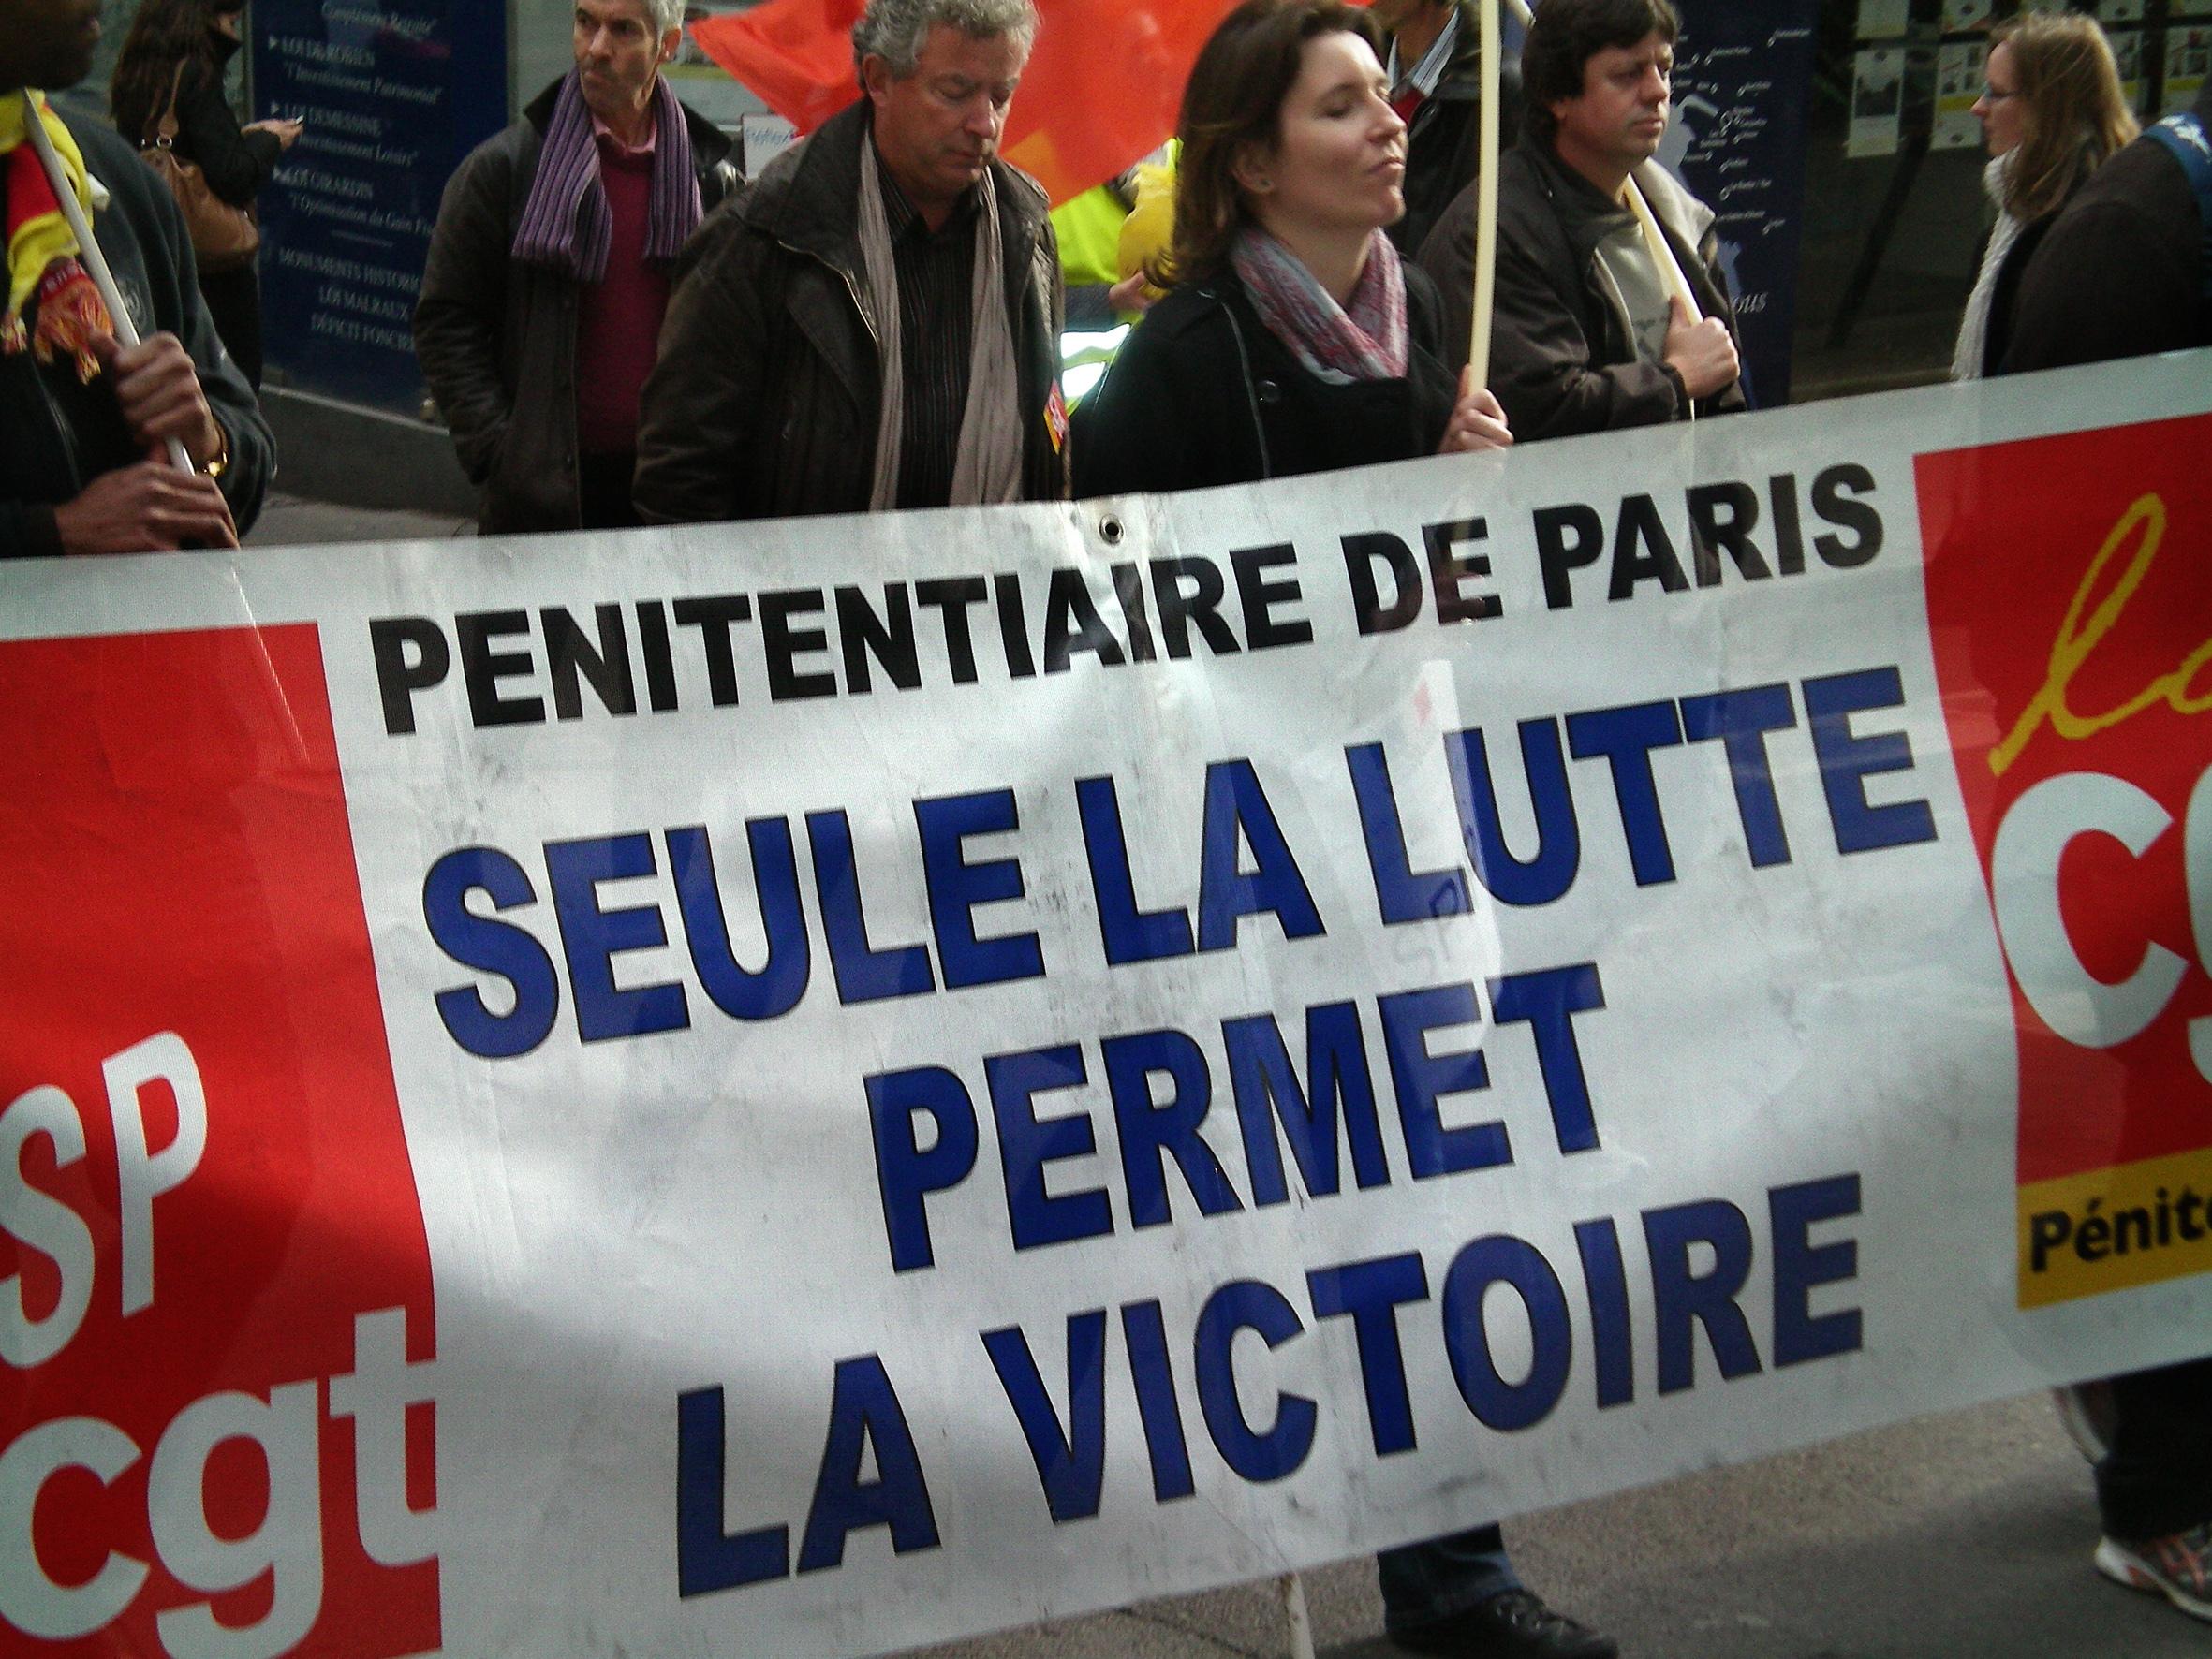 Victoire lutte sociale